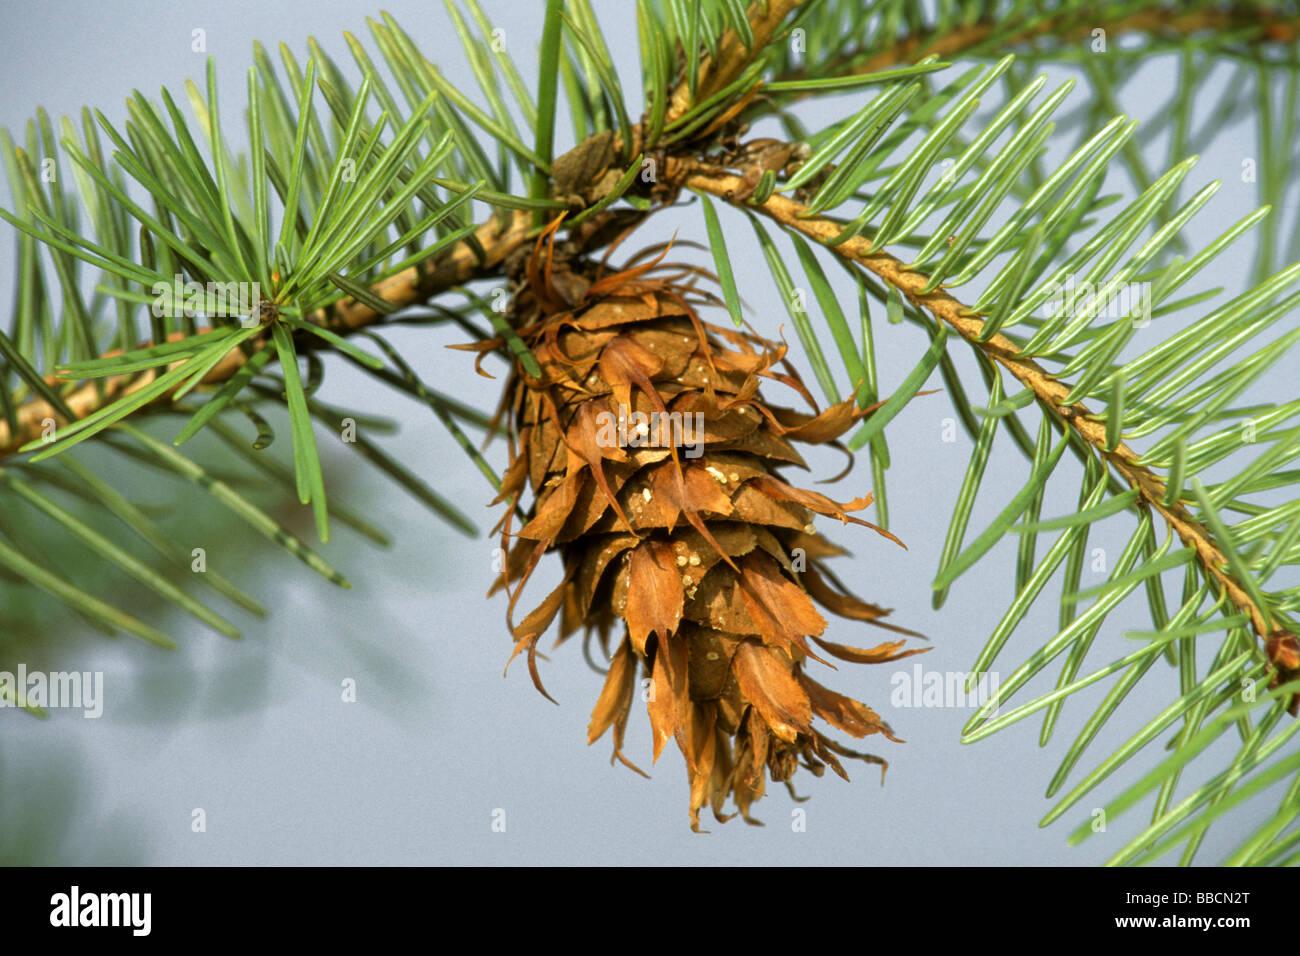 Douglas Fir (Pseudotsuga menziesii, Pseudotsuga douglasii), cone on a twig - Stock Image